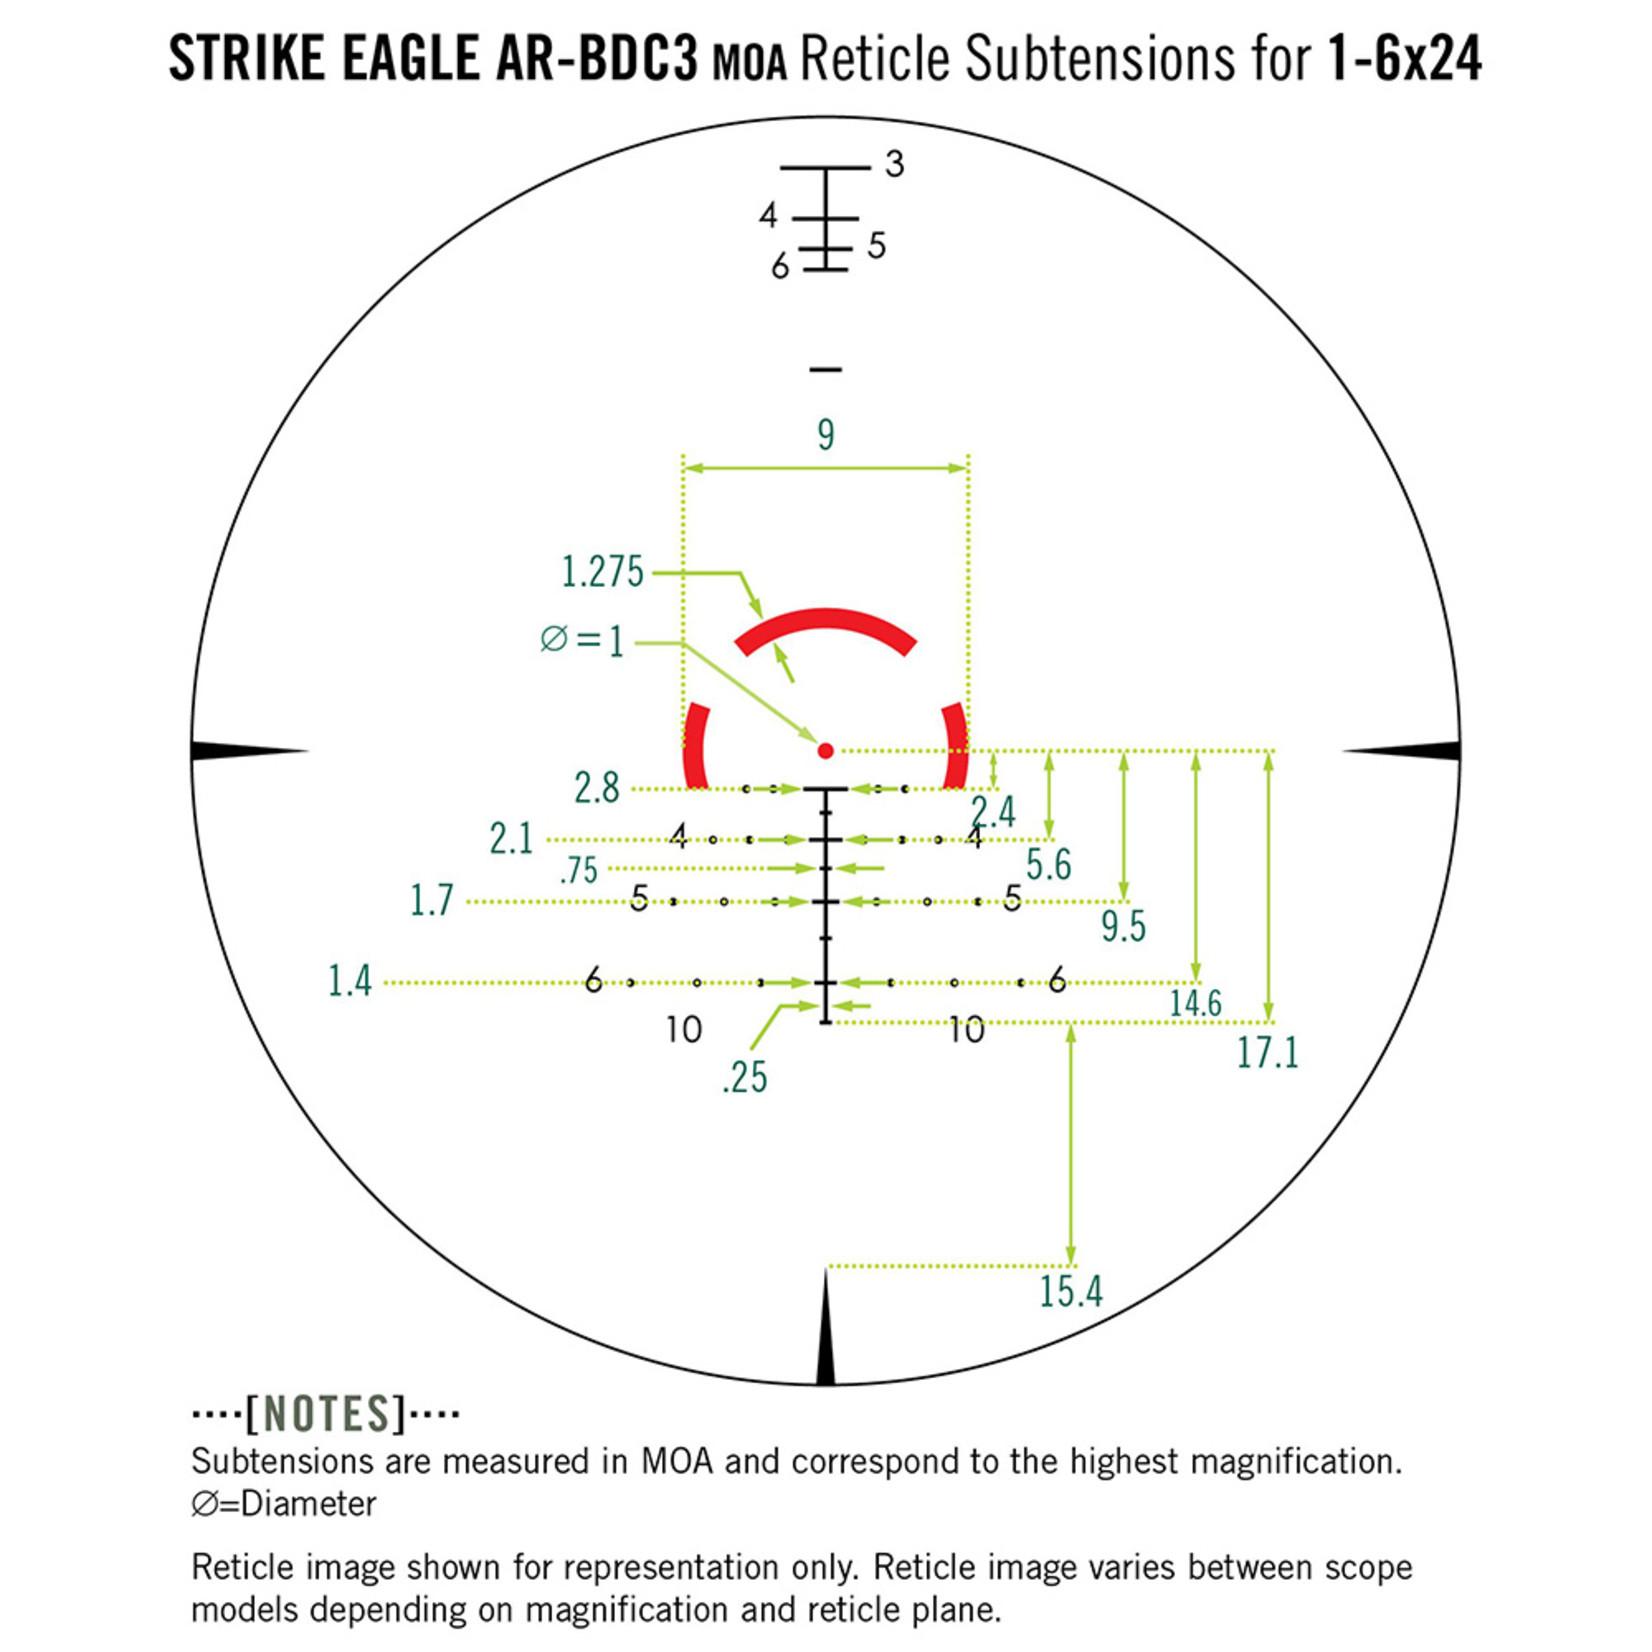 Vortex Strike Eagle 1-6x24 AR-BDC-3